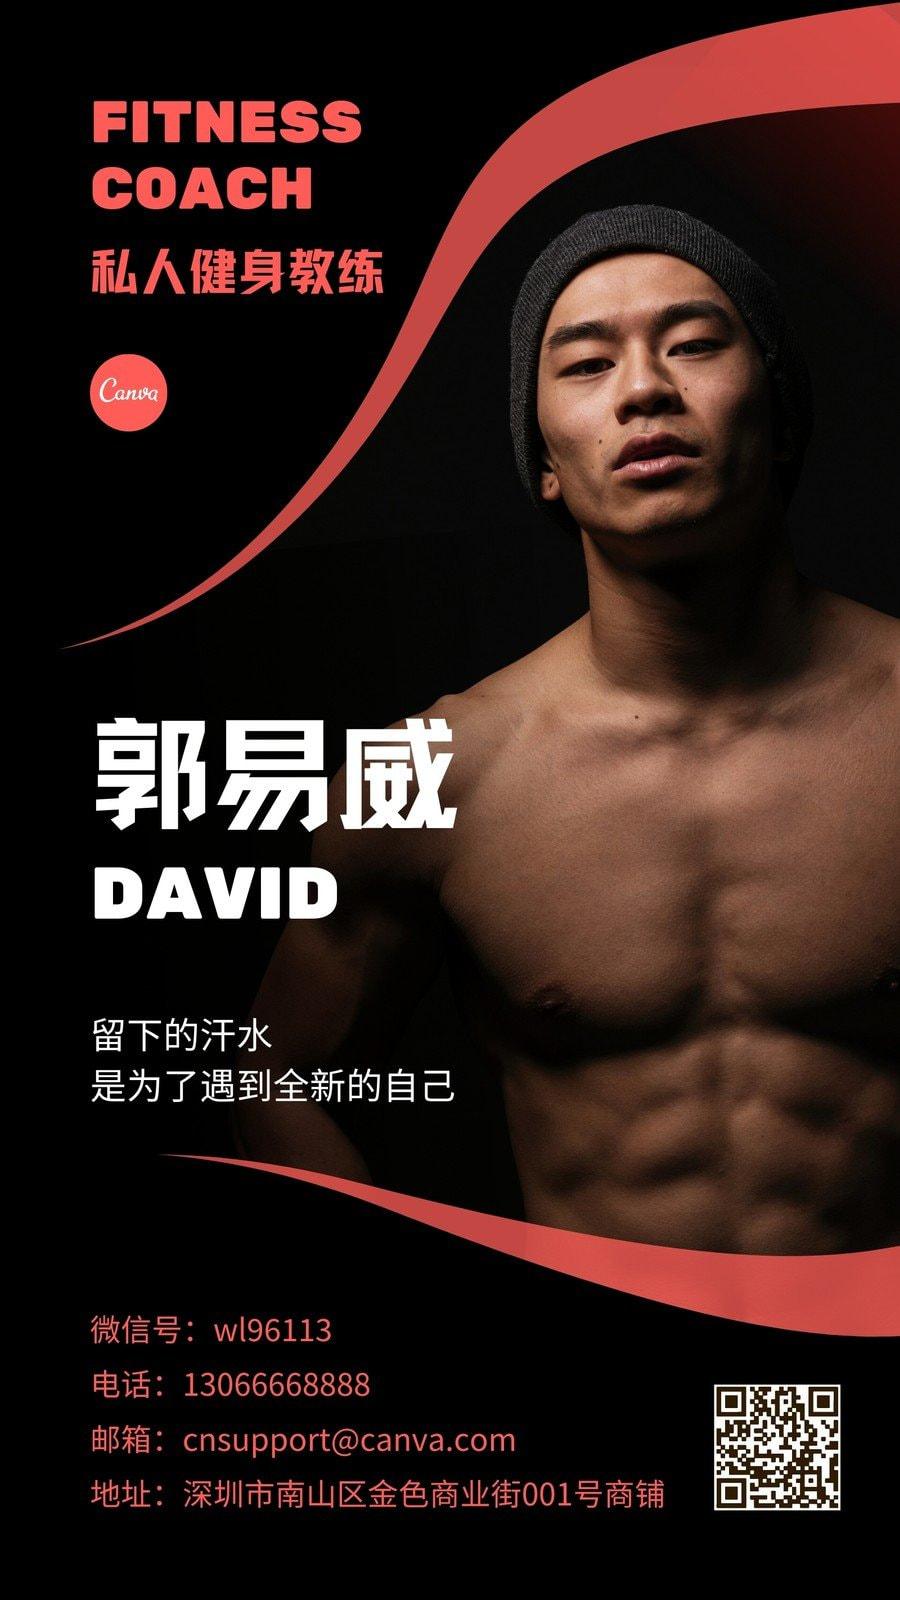 黑红色健身教练人物照片个人宣传中文电子名片